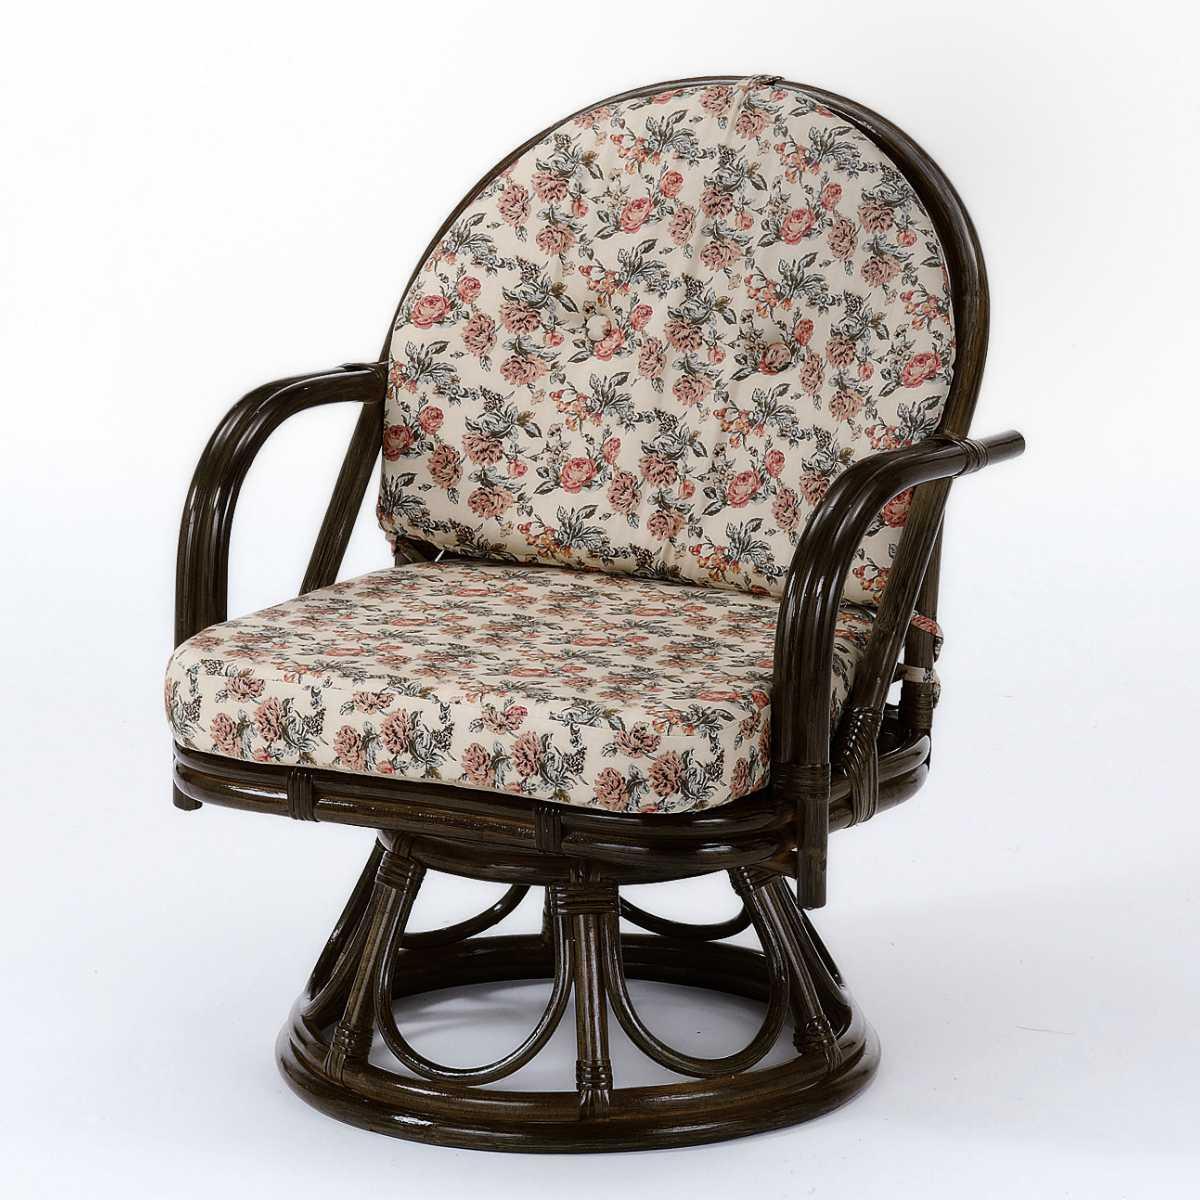 今年も話題の 回転座椅子 ラタン ミドルハイタイプ 座面高35cm 籐家具 座面高35cm ( 送料無料 イス アジアン イス チェア アジアン )【4500円以上送料無料】, にんにくのたからR:bd7f4315 --- canoncity.azurewebsites.net